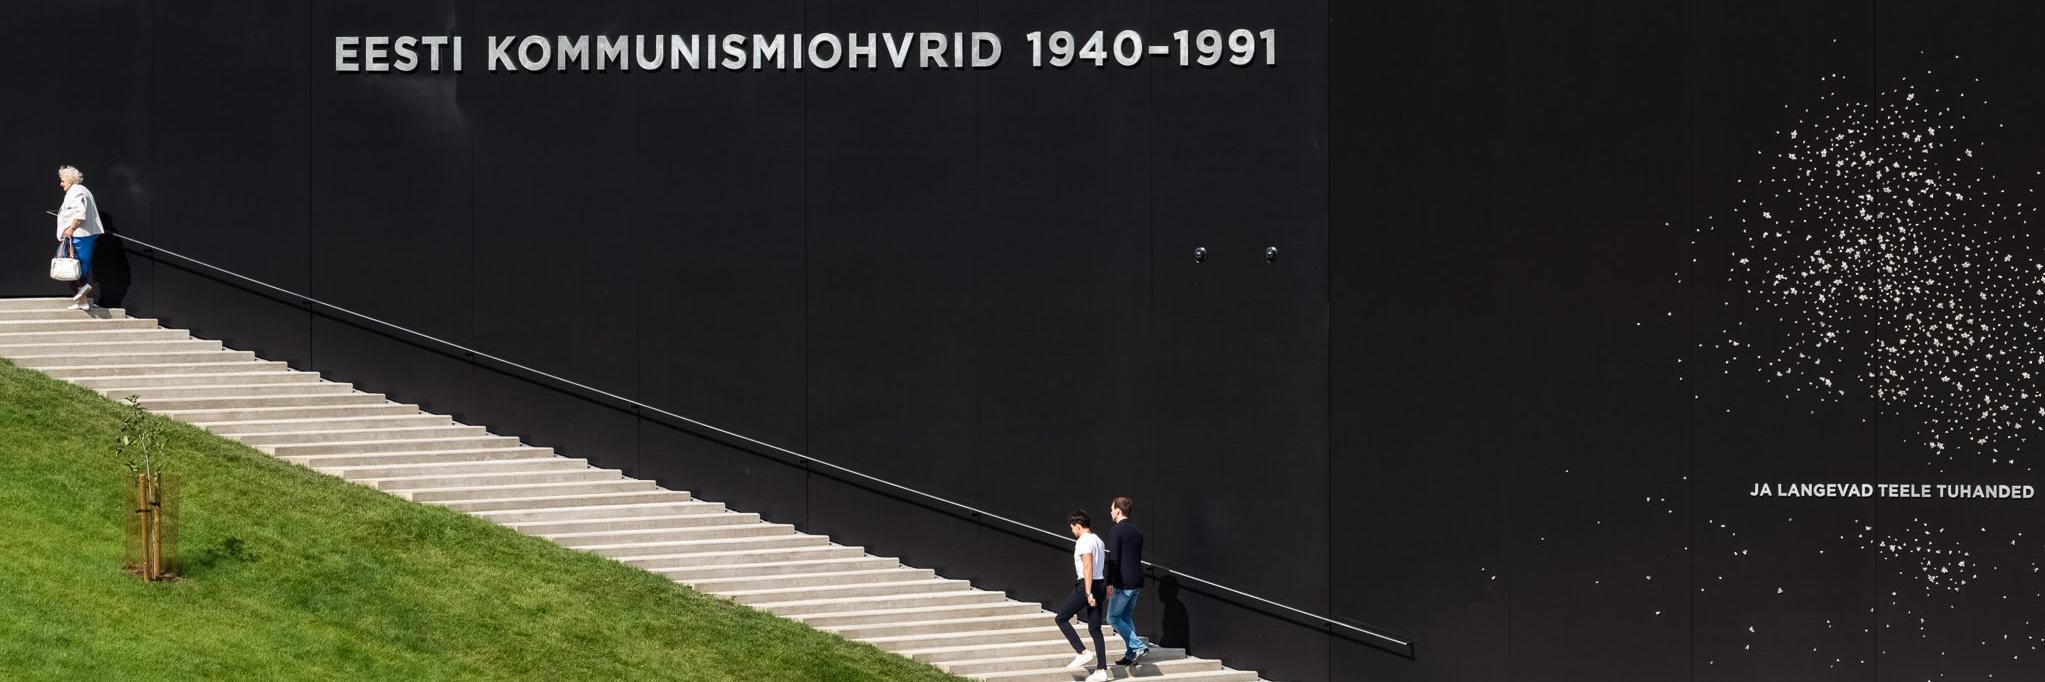 Kommunismiohvrite memoriaal ja ohvitseride mälestusmärk